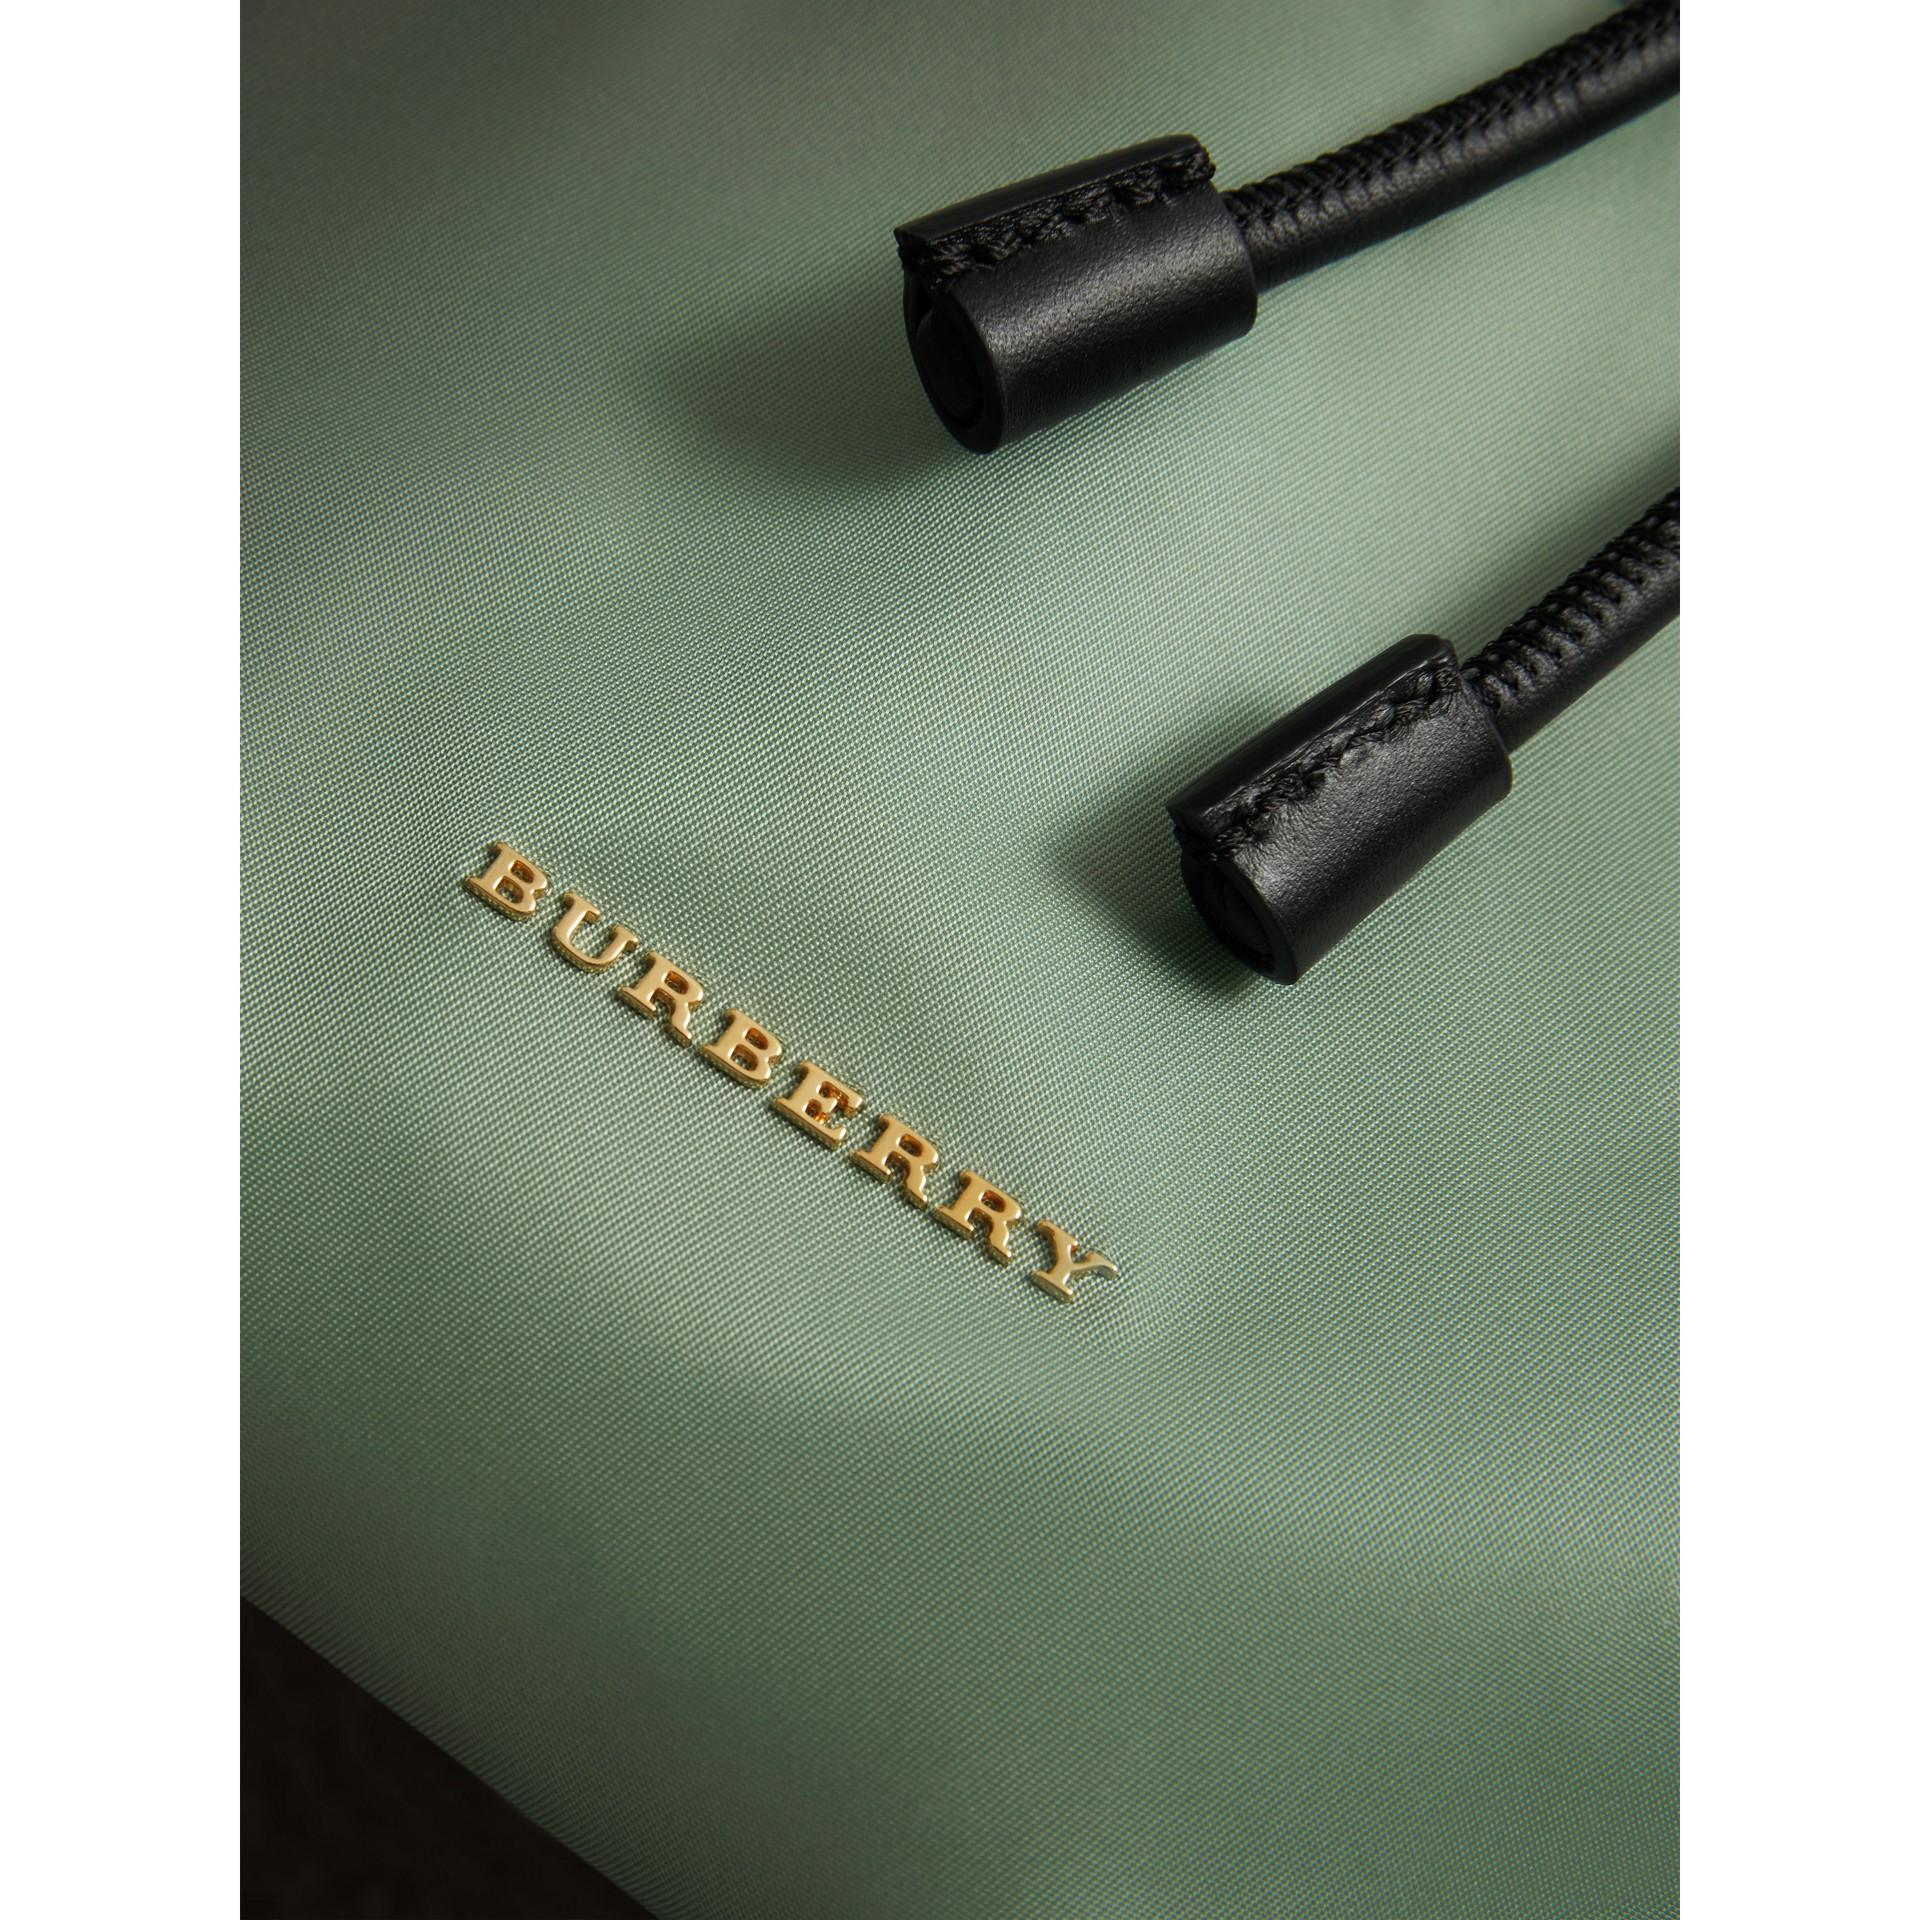 Mochila Rucksack mediana en nailon técnico y piel (Verde Manzana) - Mujer | Burberry - imagen de la galería 1